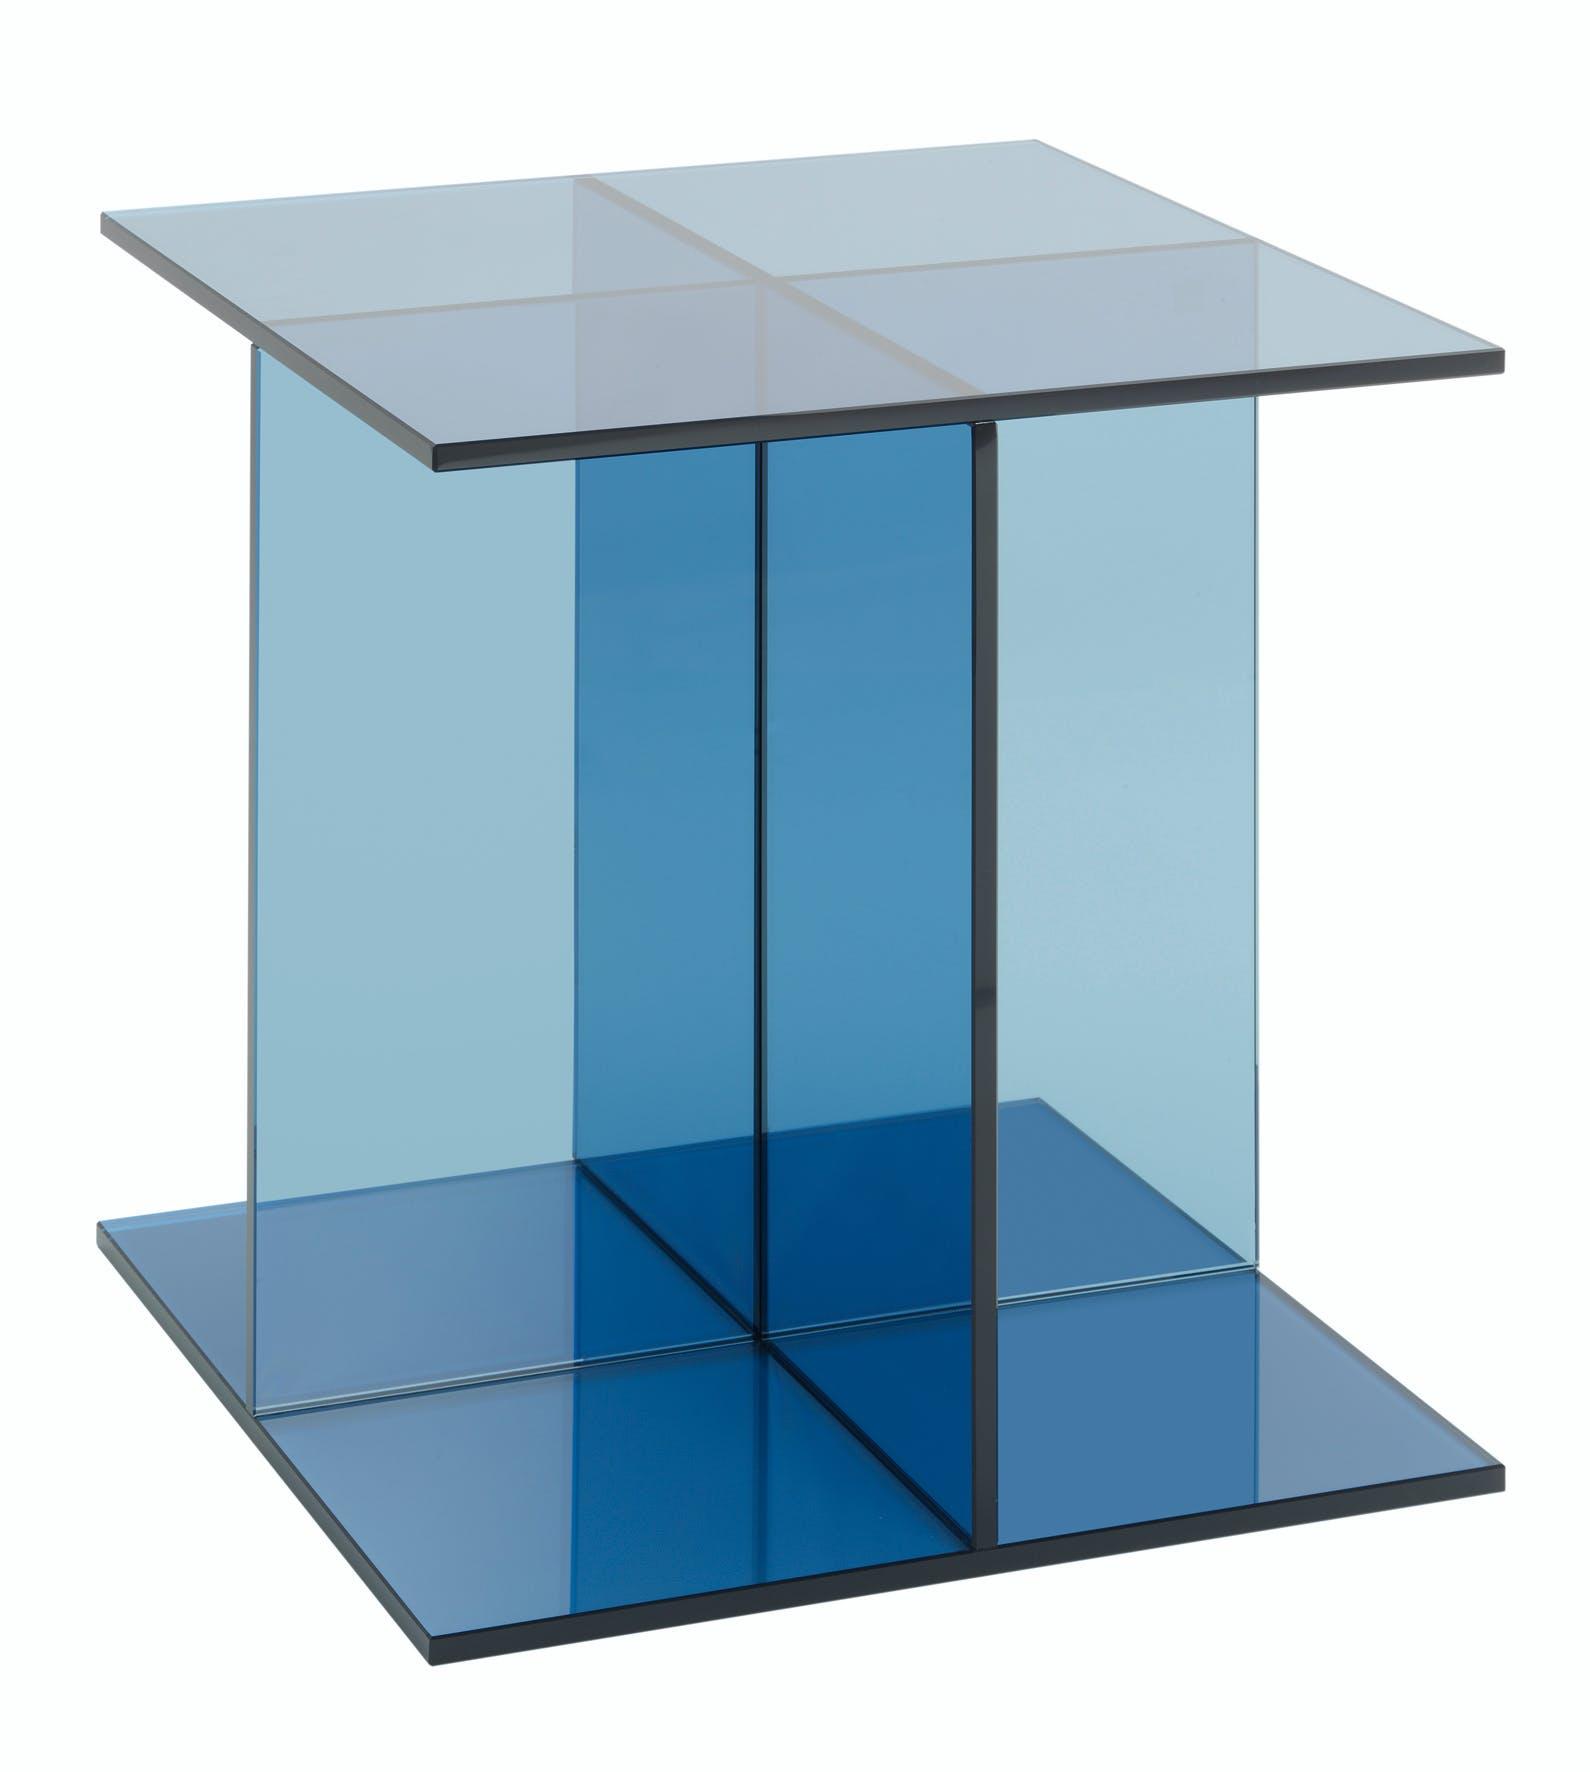 E15-furniture-vier-side-table-blue-solo-haute-living